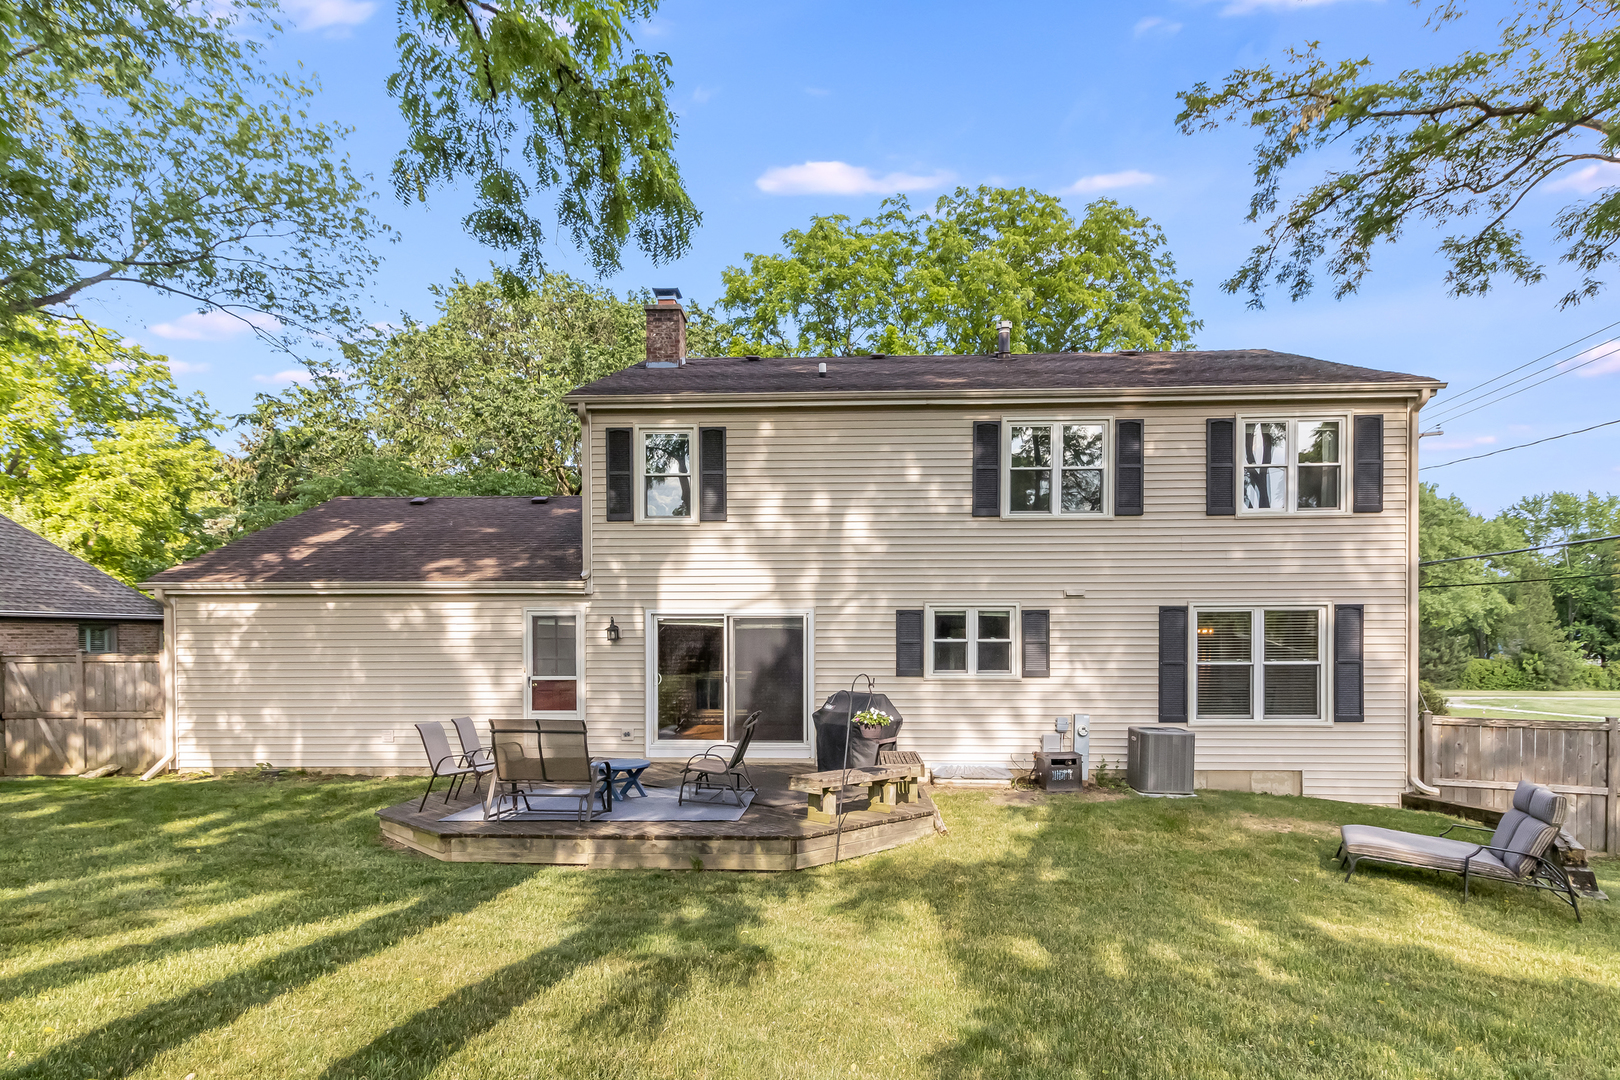 110 Hilltop ,Barrington, Illinois 60010